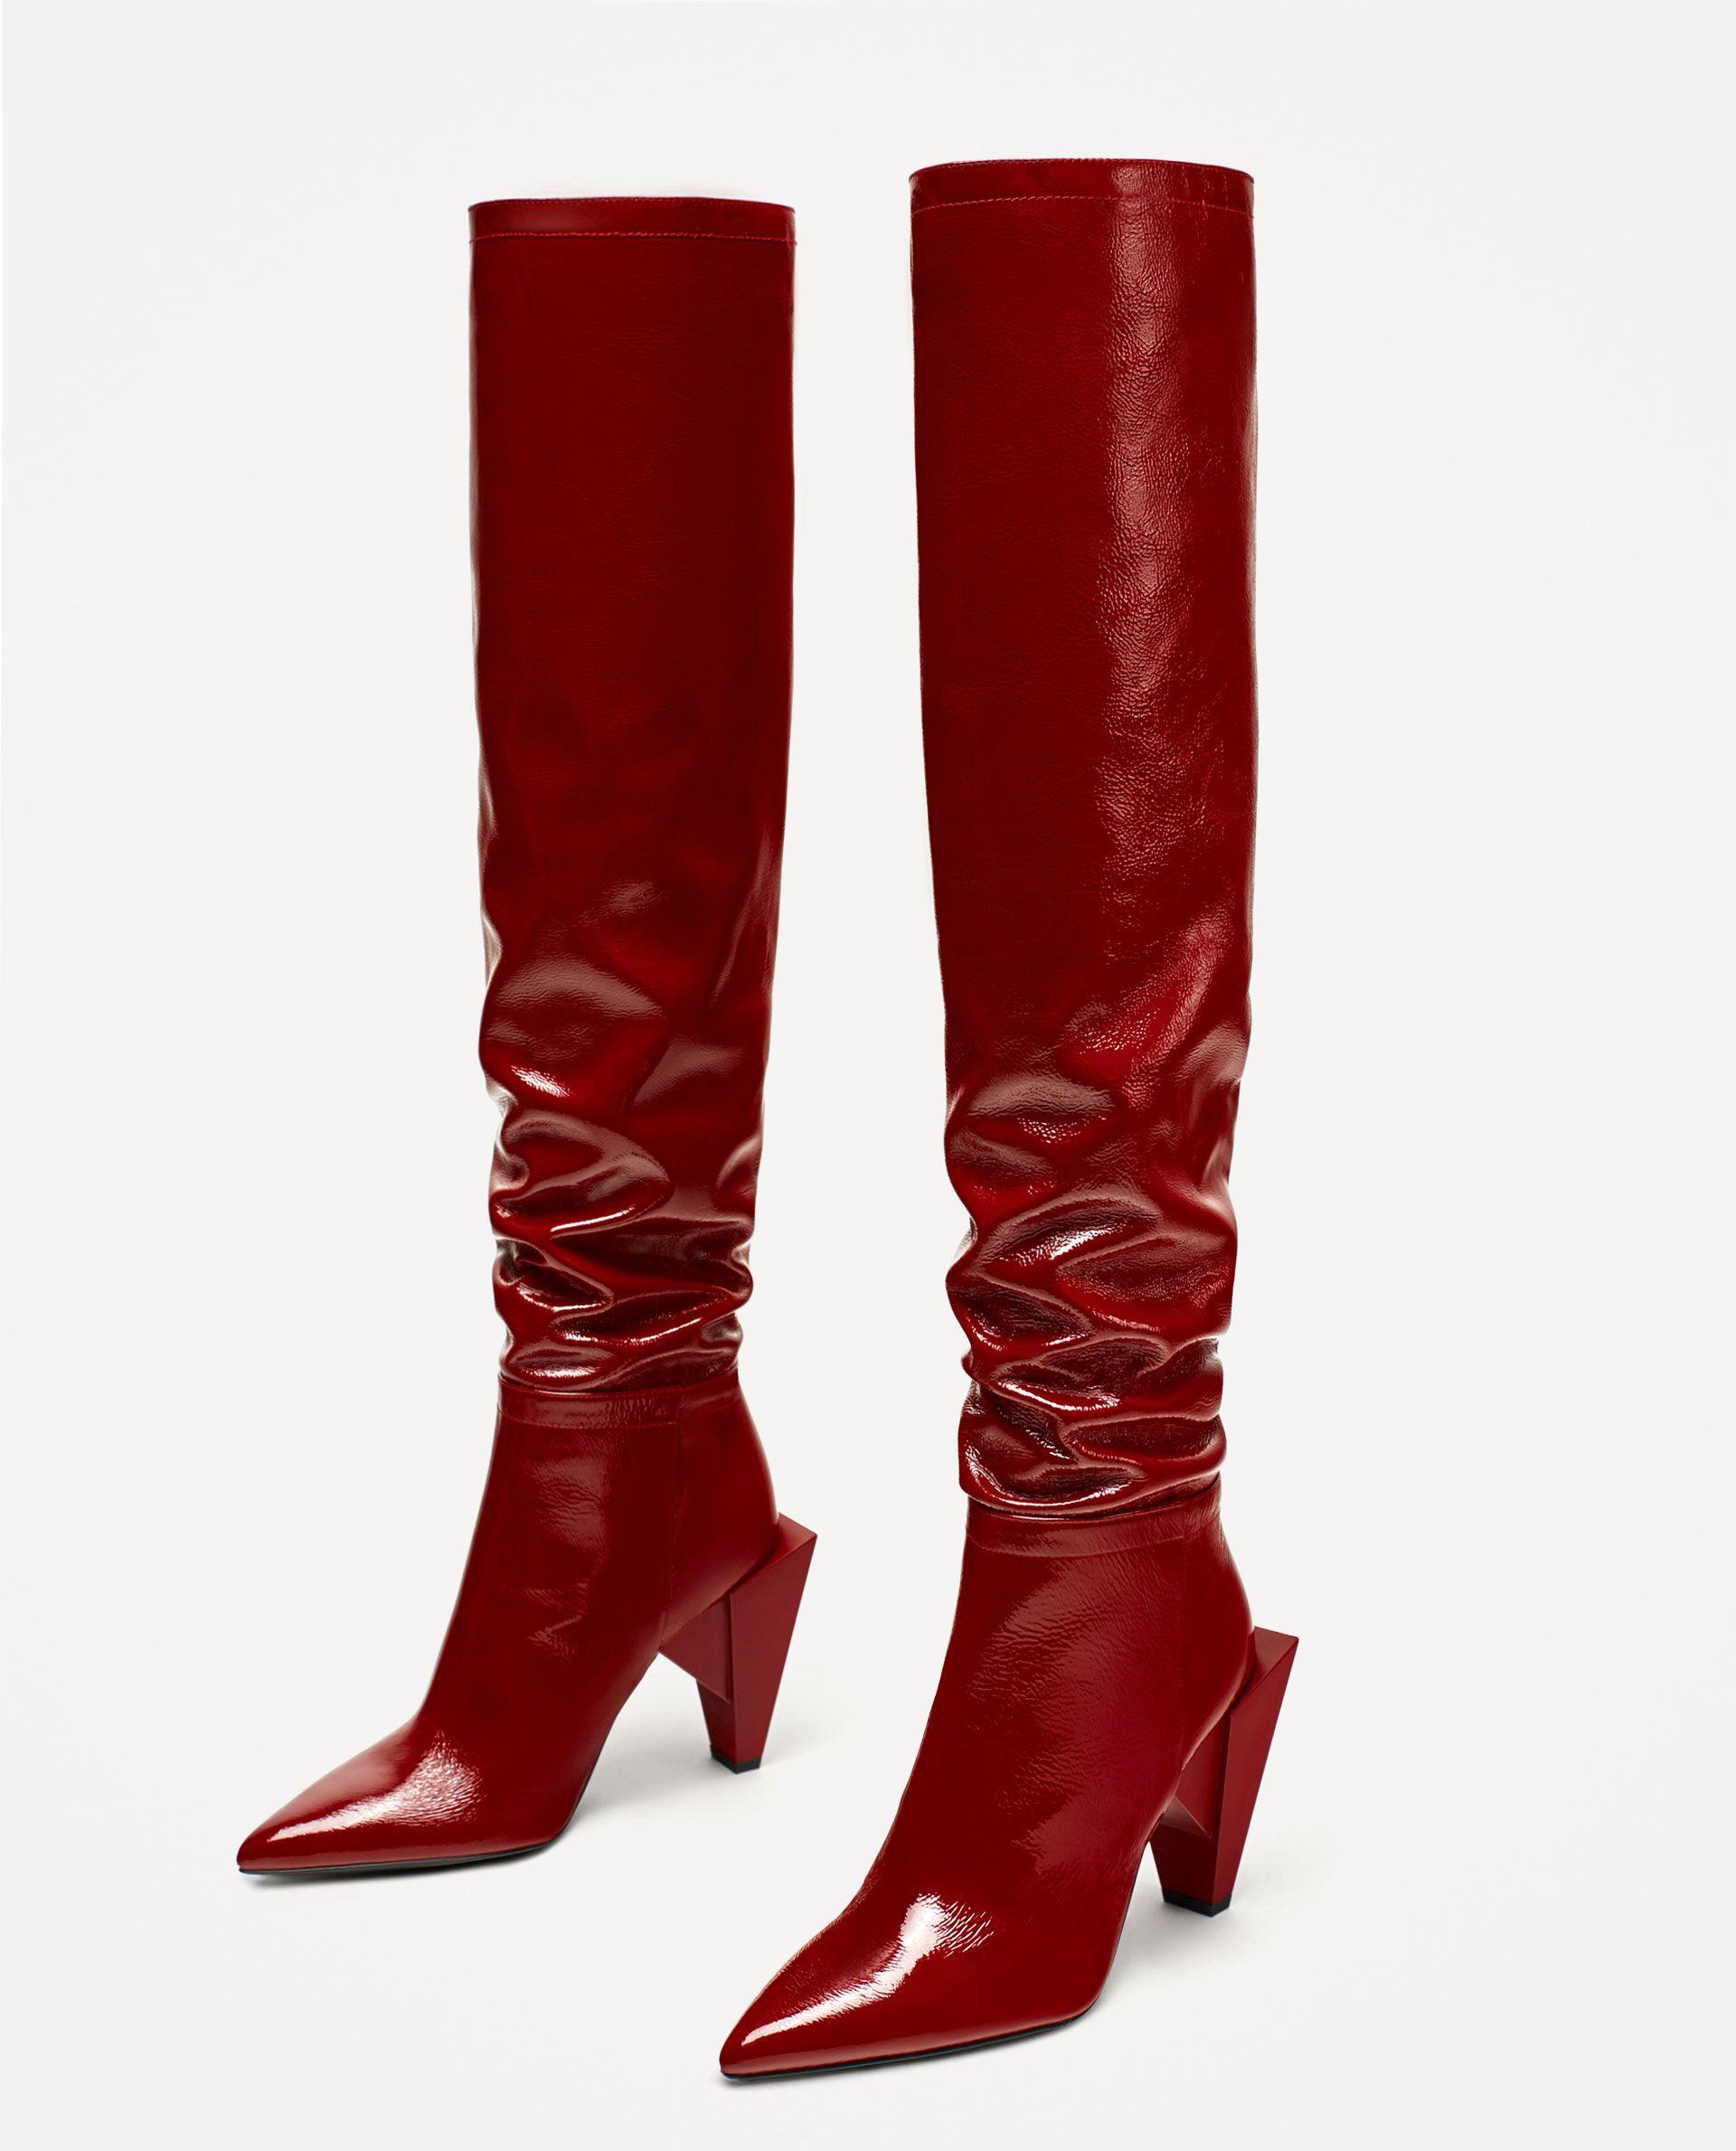 gamme exceptionnelle de styles et de couleurs vente discount baskets BOTTES CUIR À TALONS VERNIS | Love shoes | Bottes cuir ...